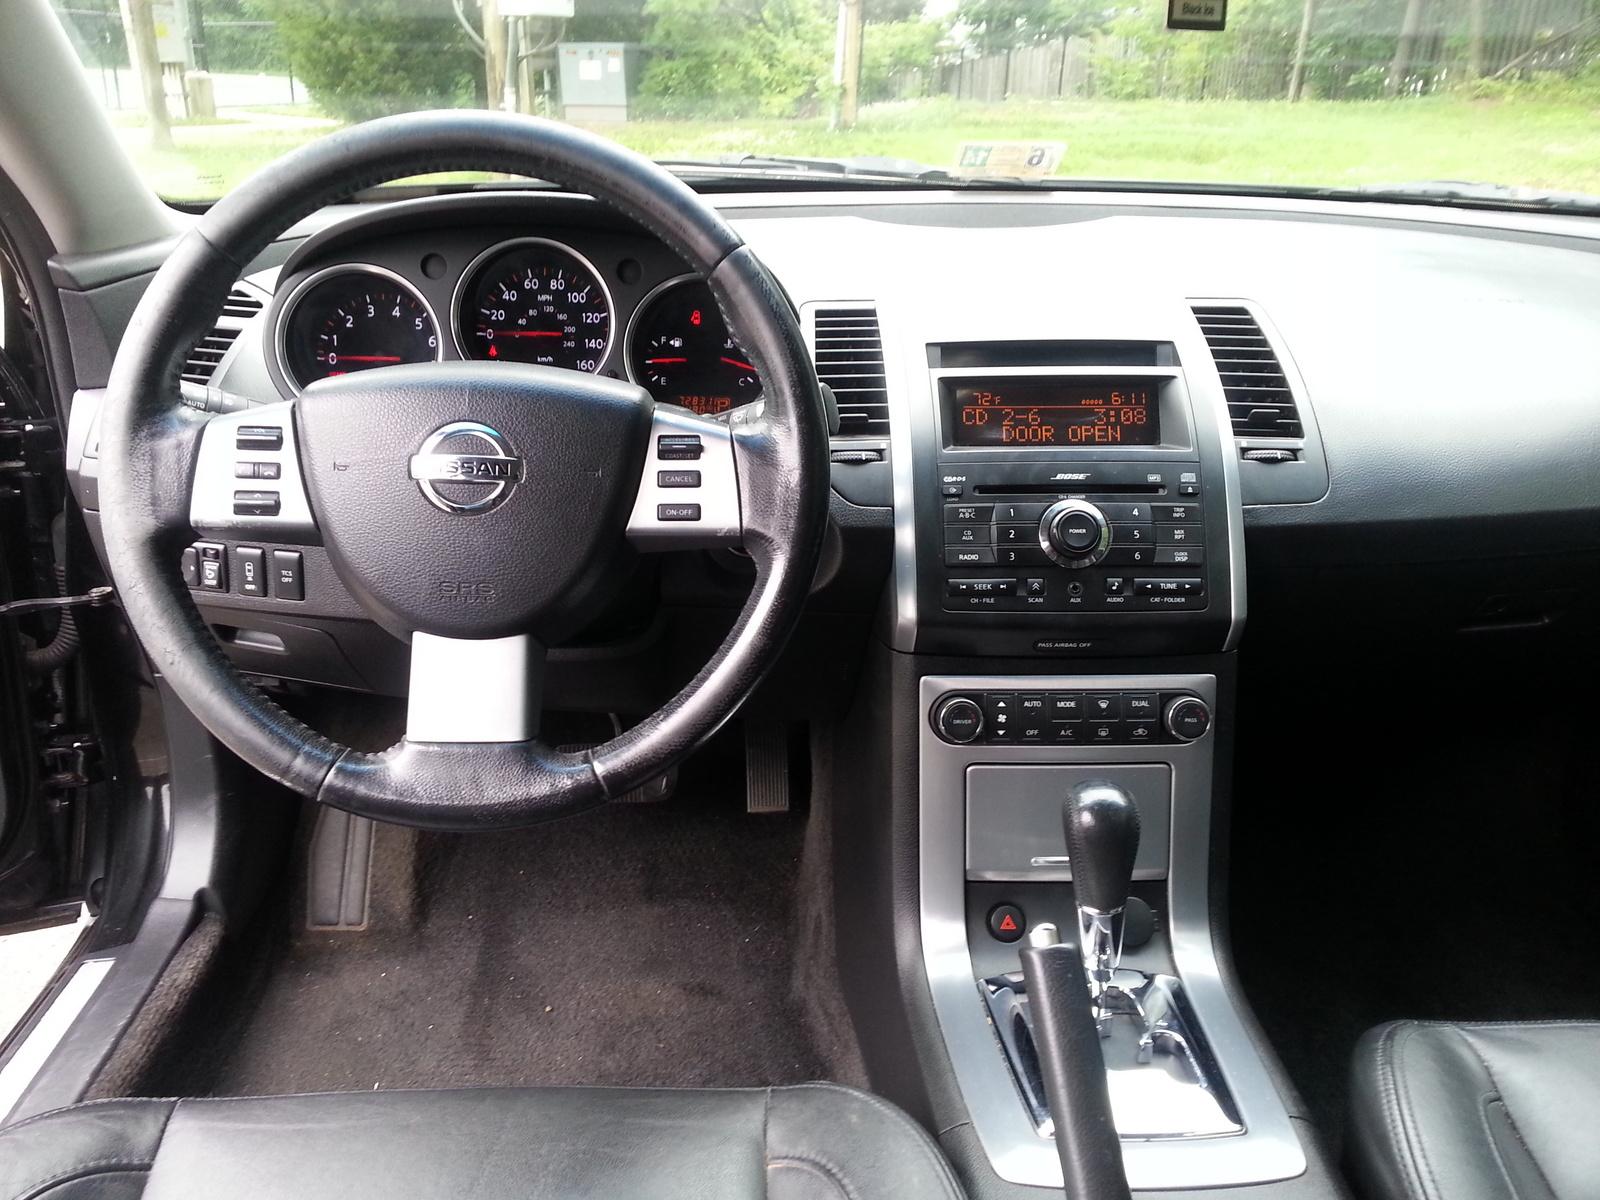 2007 Nissan Maxima Interior Pictures Cargurus